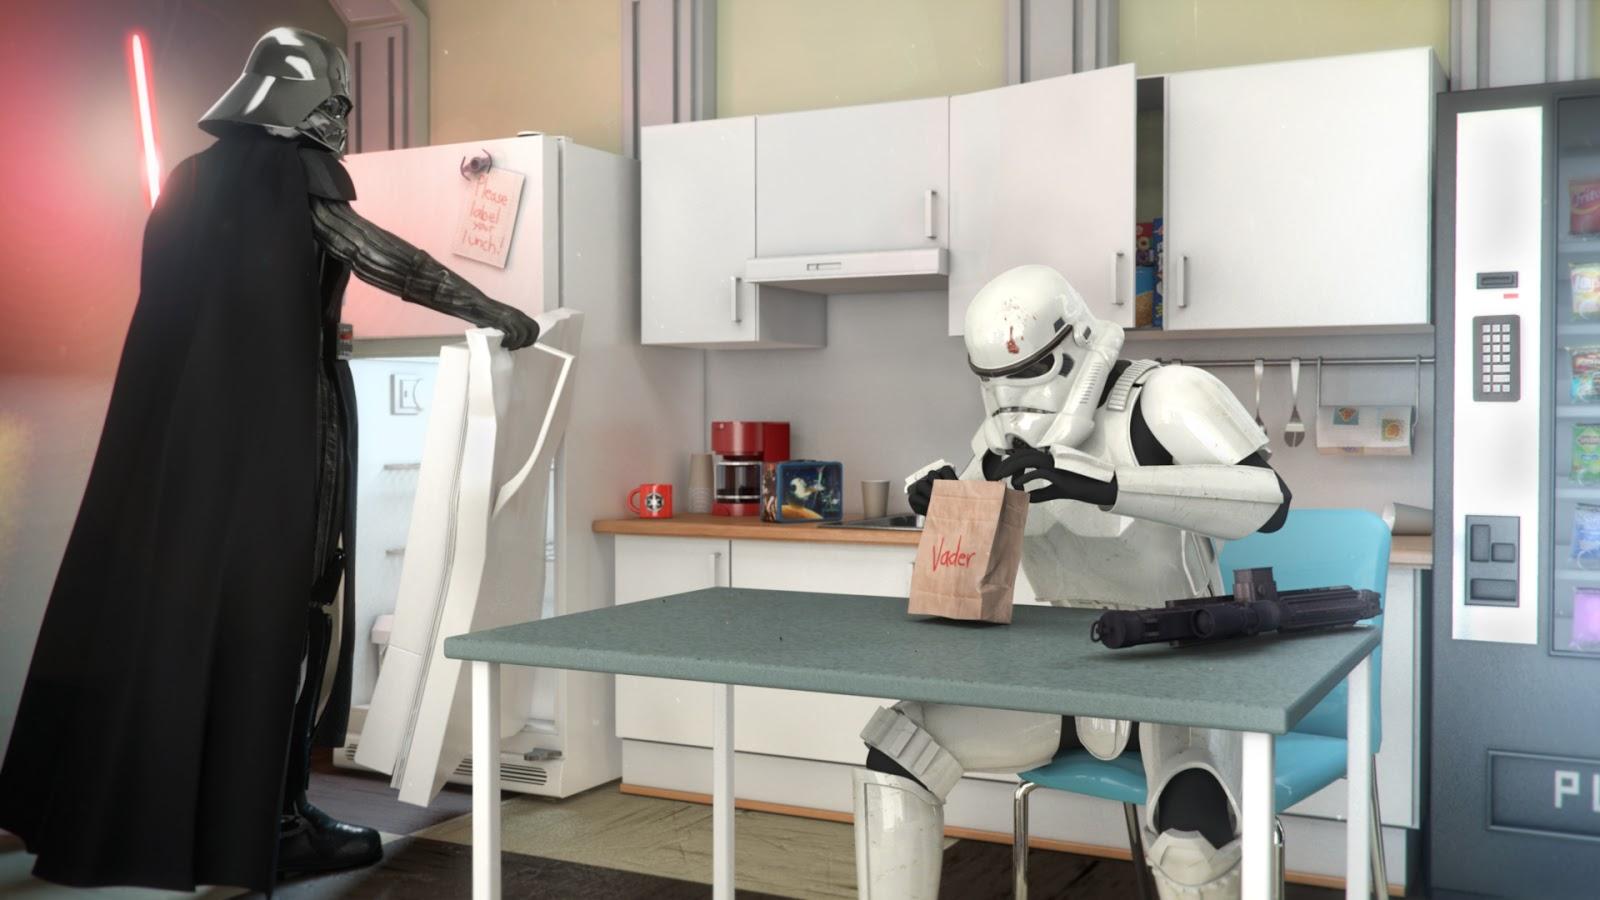 StormTrooper_161014_3